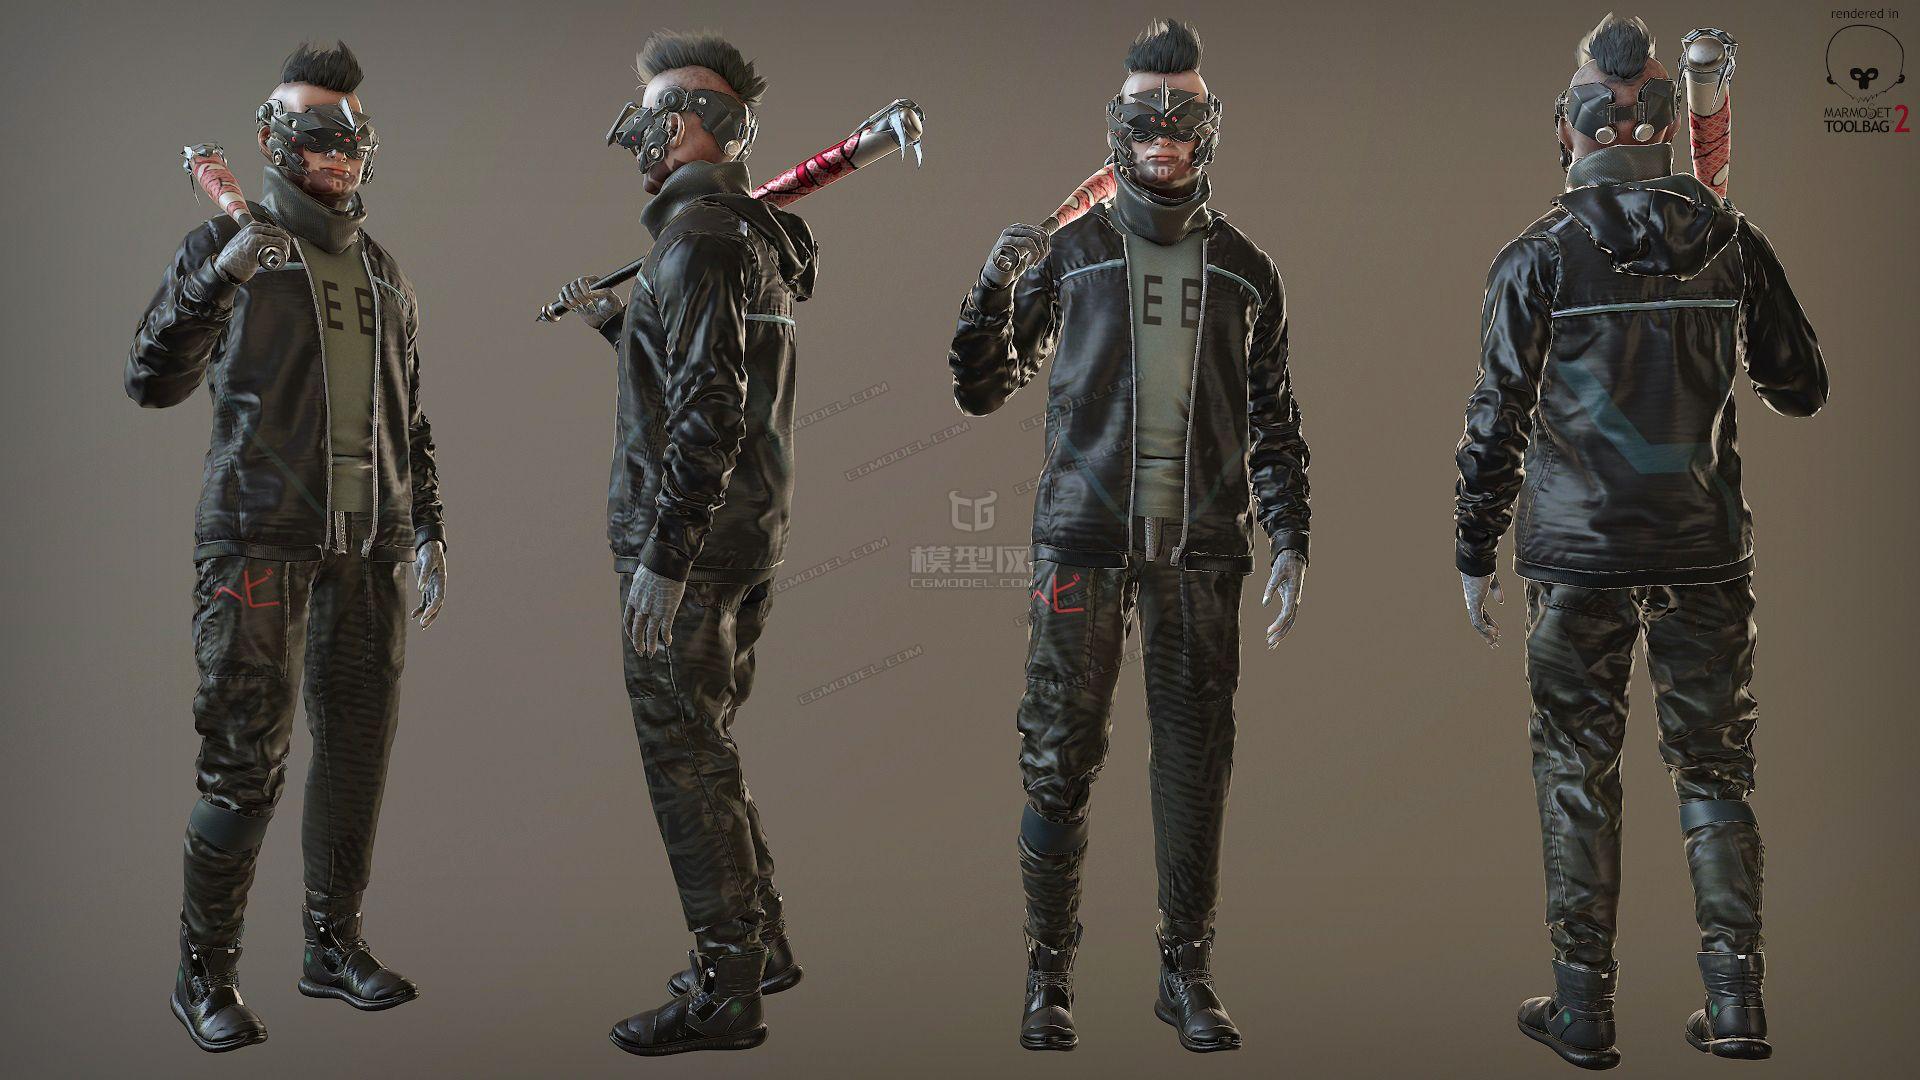 网络打手qq群_科幻角色Zetsuda 武装混混打手流氓-CG模型网(cgmodel)-让设计更有价值!